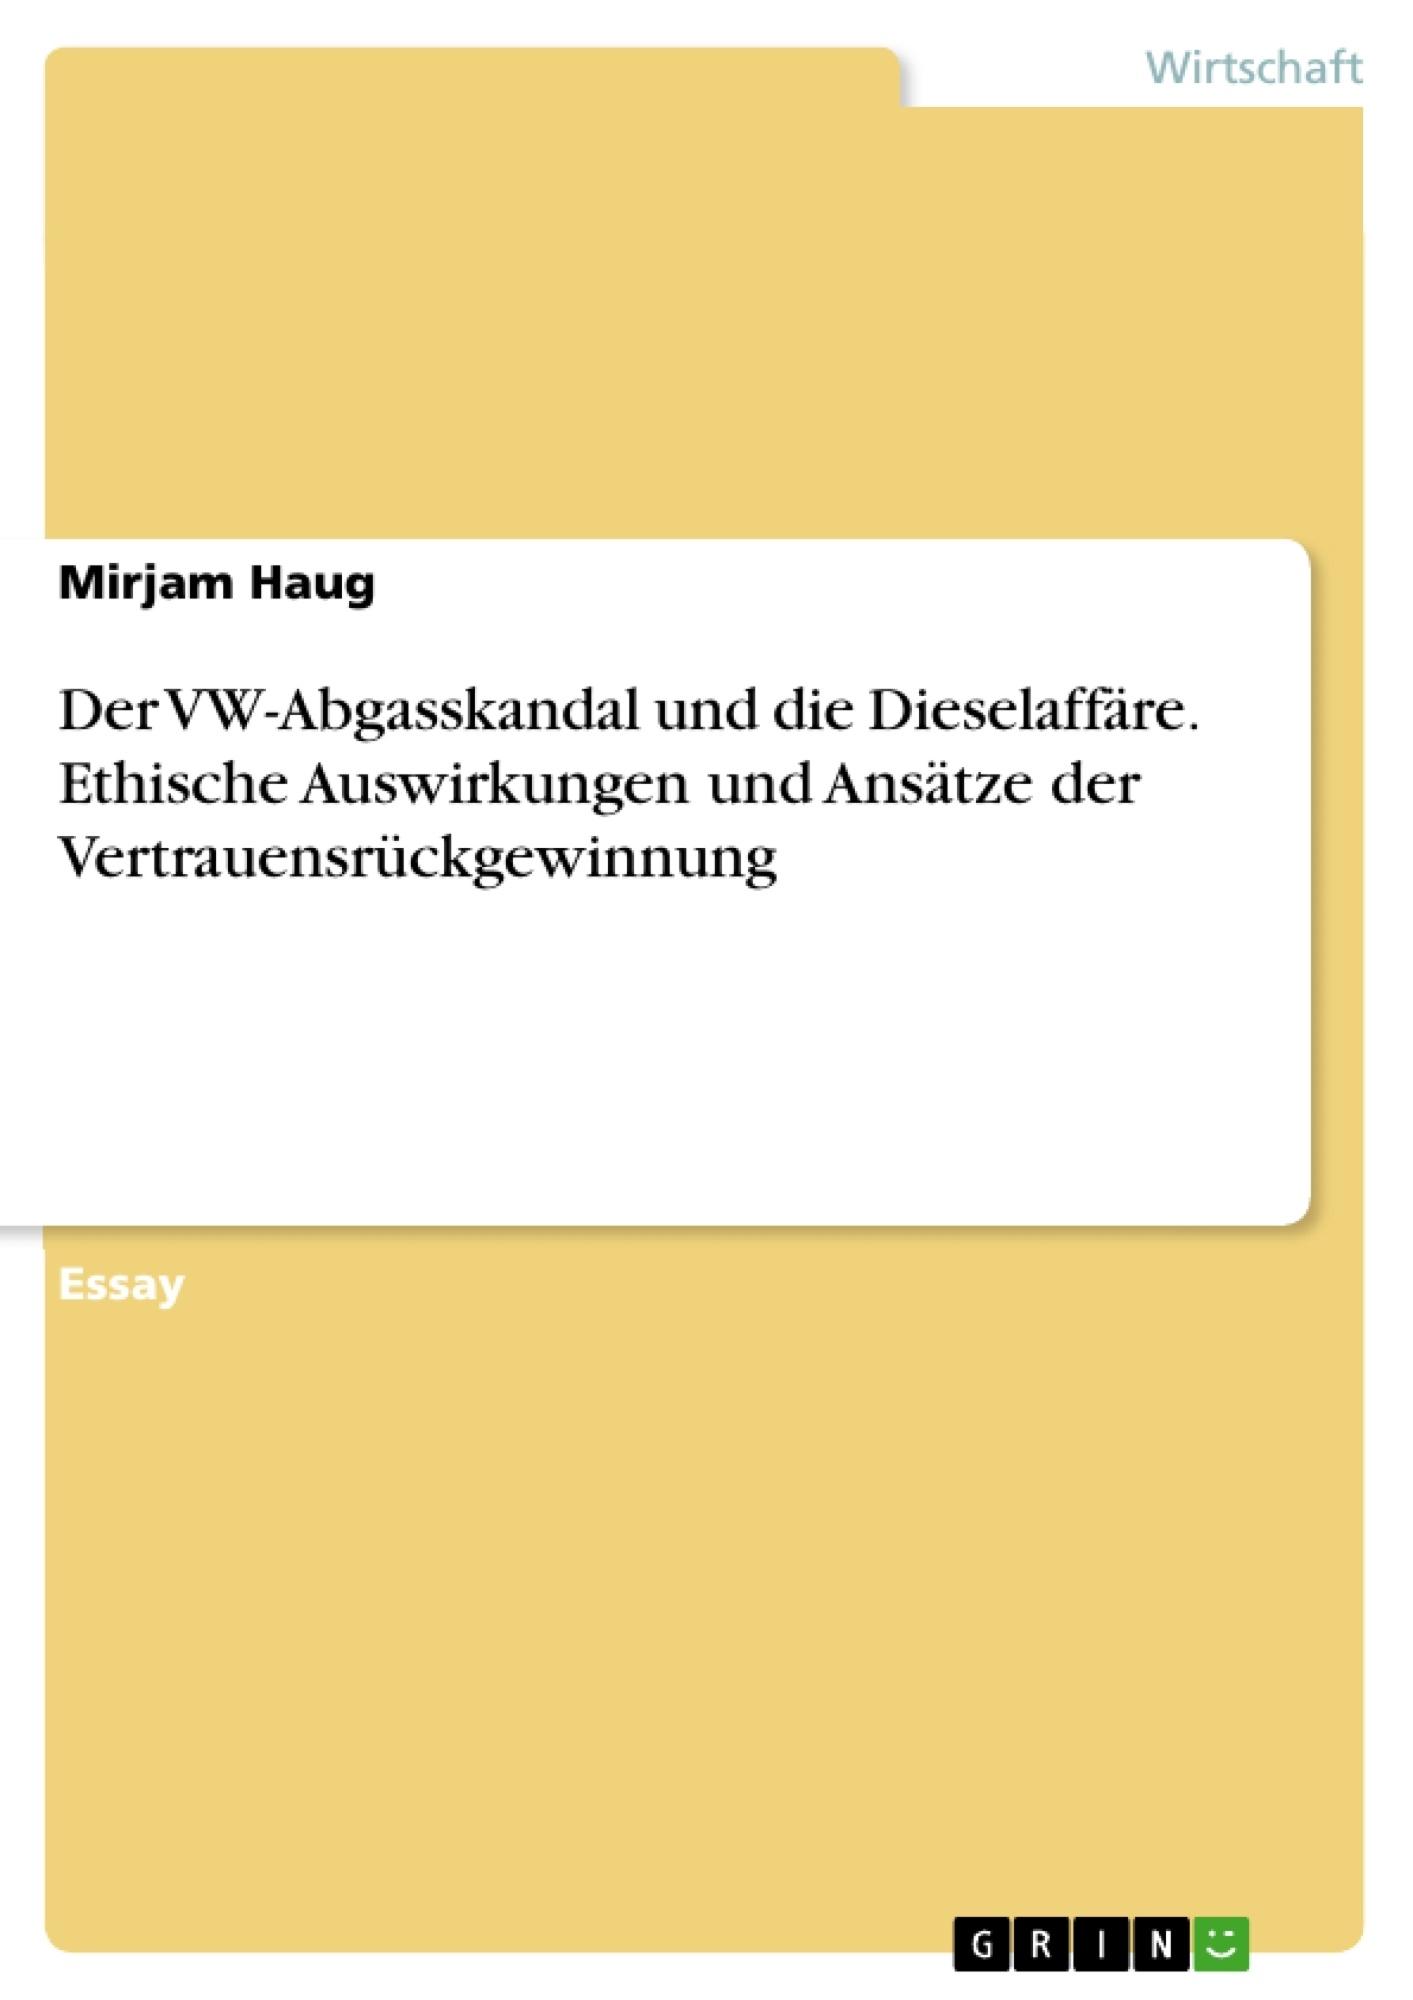 Titel: Der VW-Abgasskandal und die Dieselaffäre. Ethische Auswirkungen und Ansätze der Vertrauensrückgewinnung